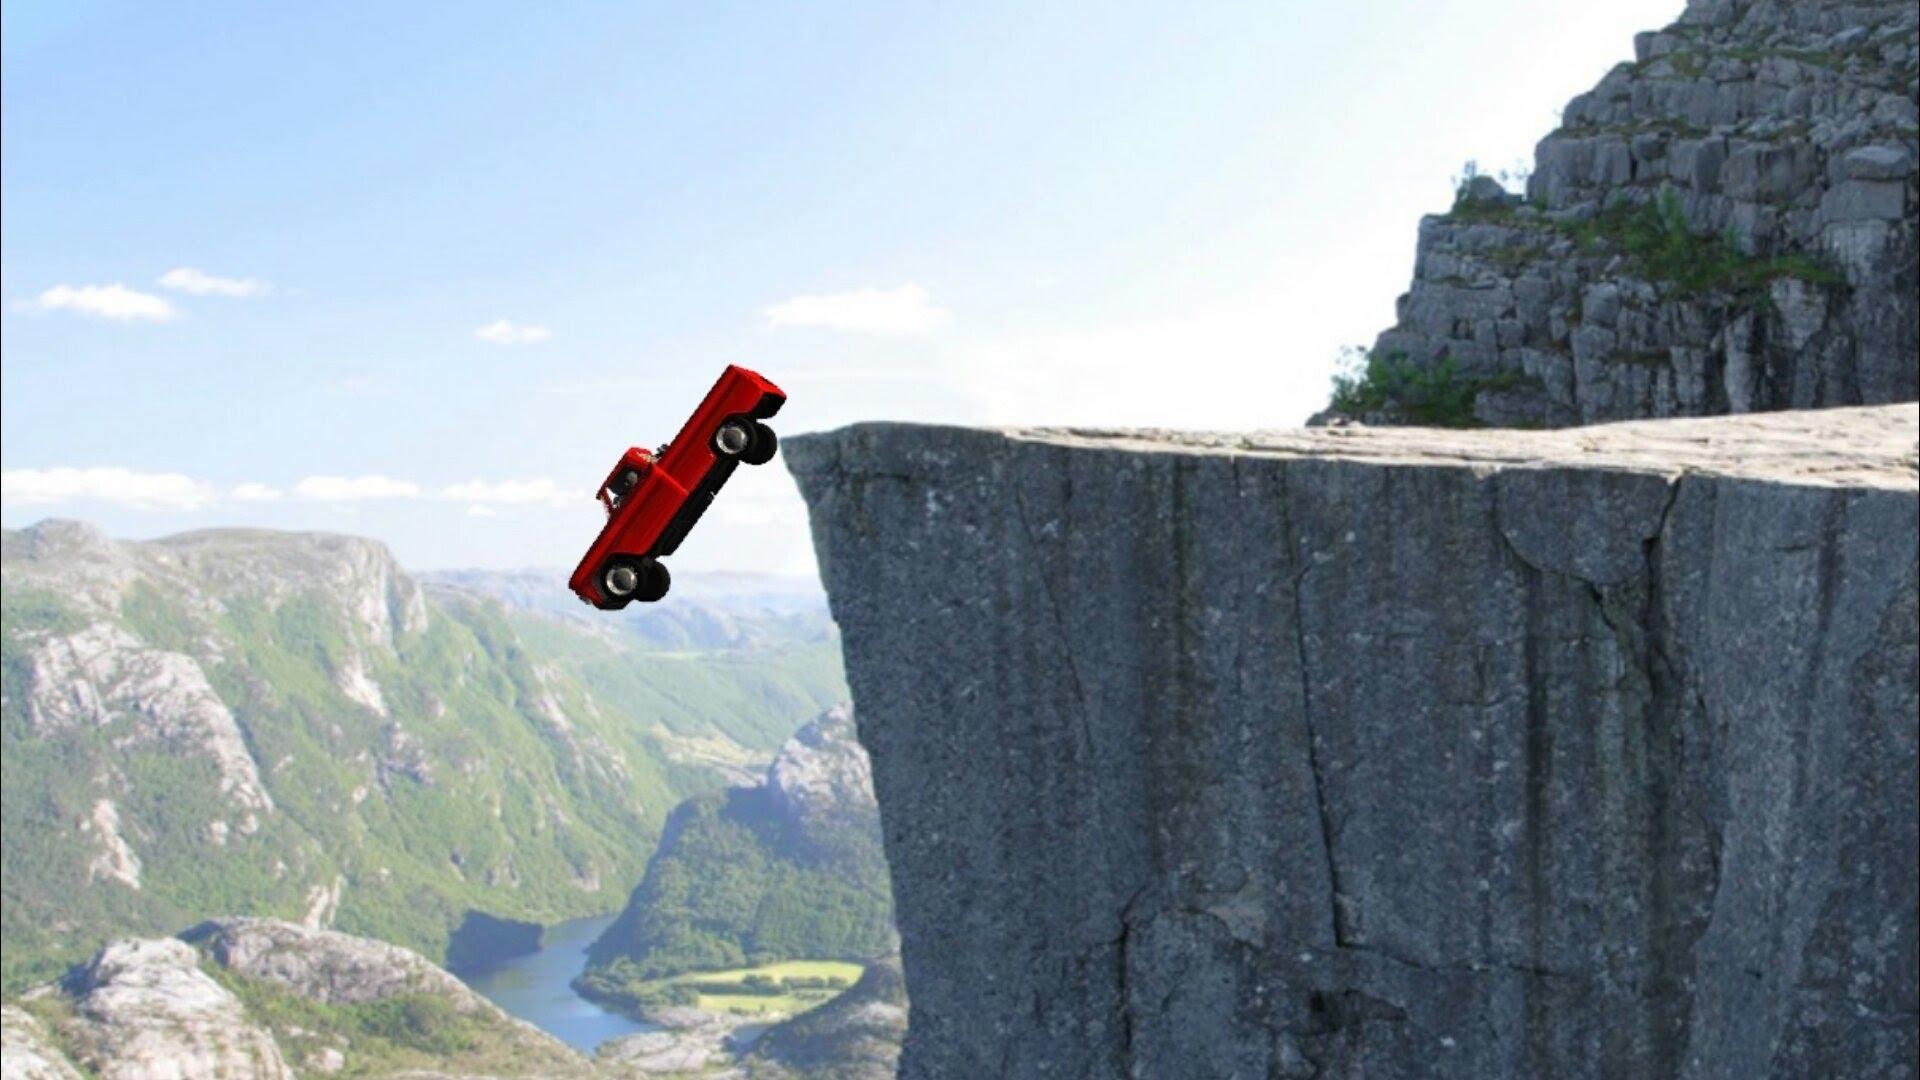 Rüyada Araba İle Uçurumdan Düşmek